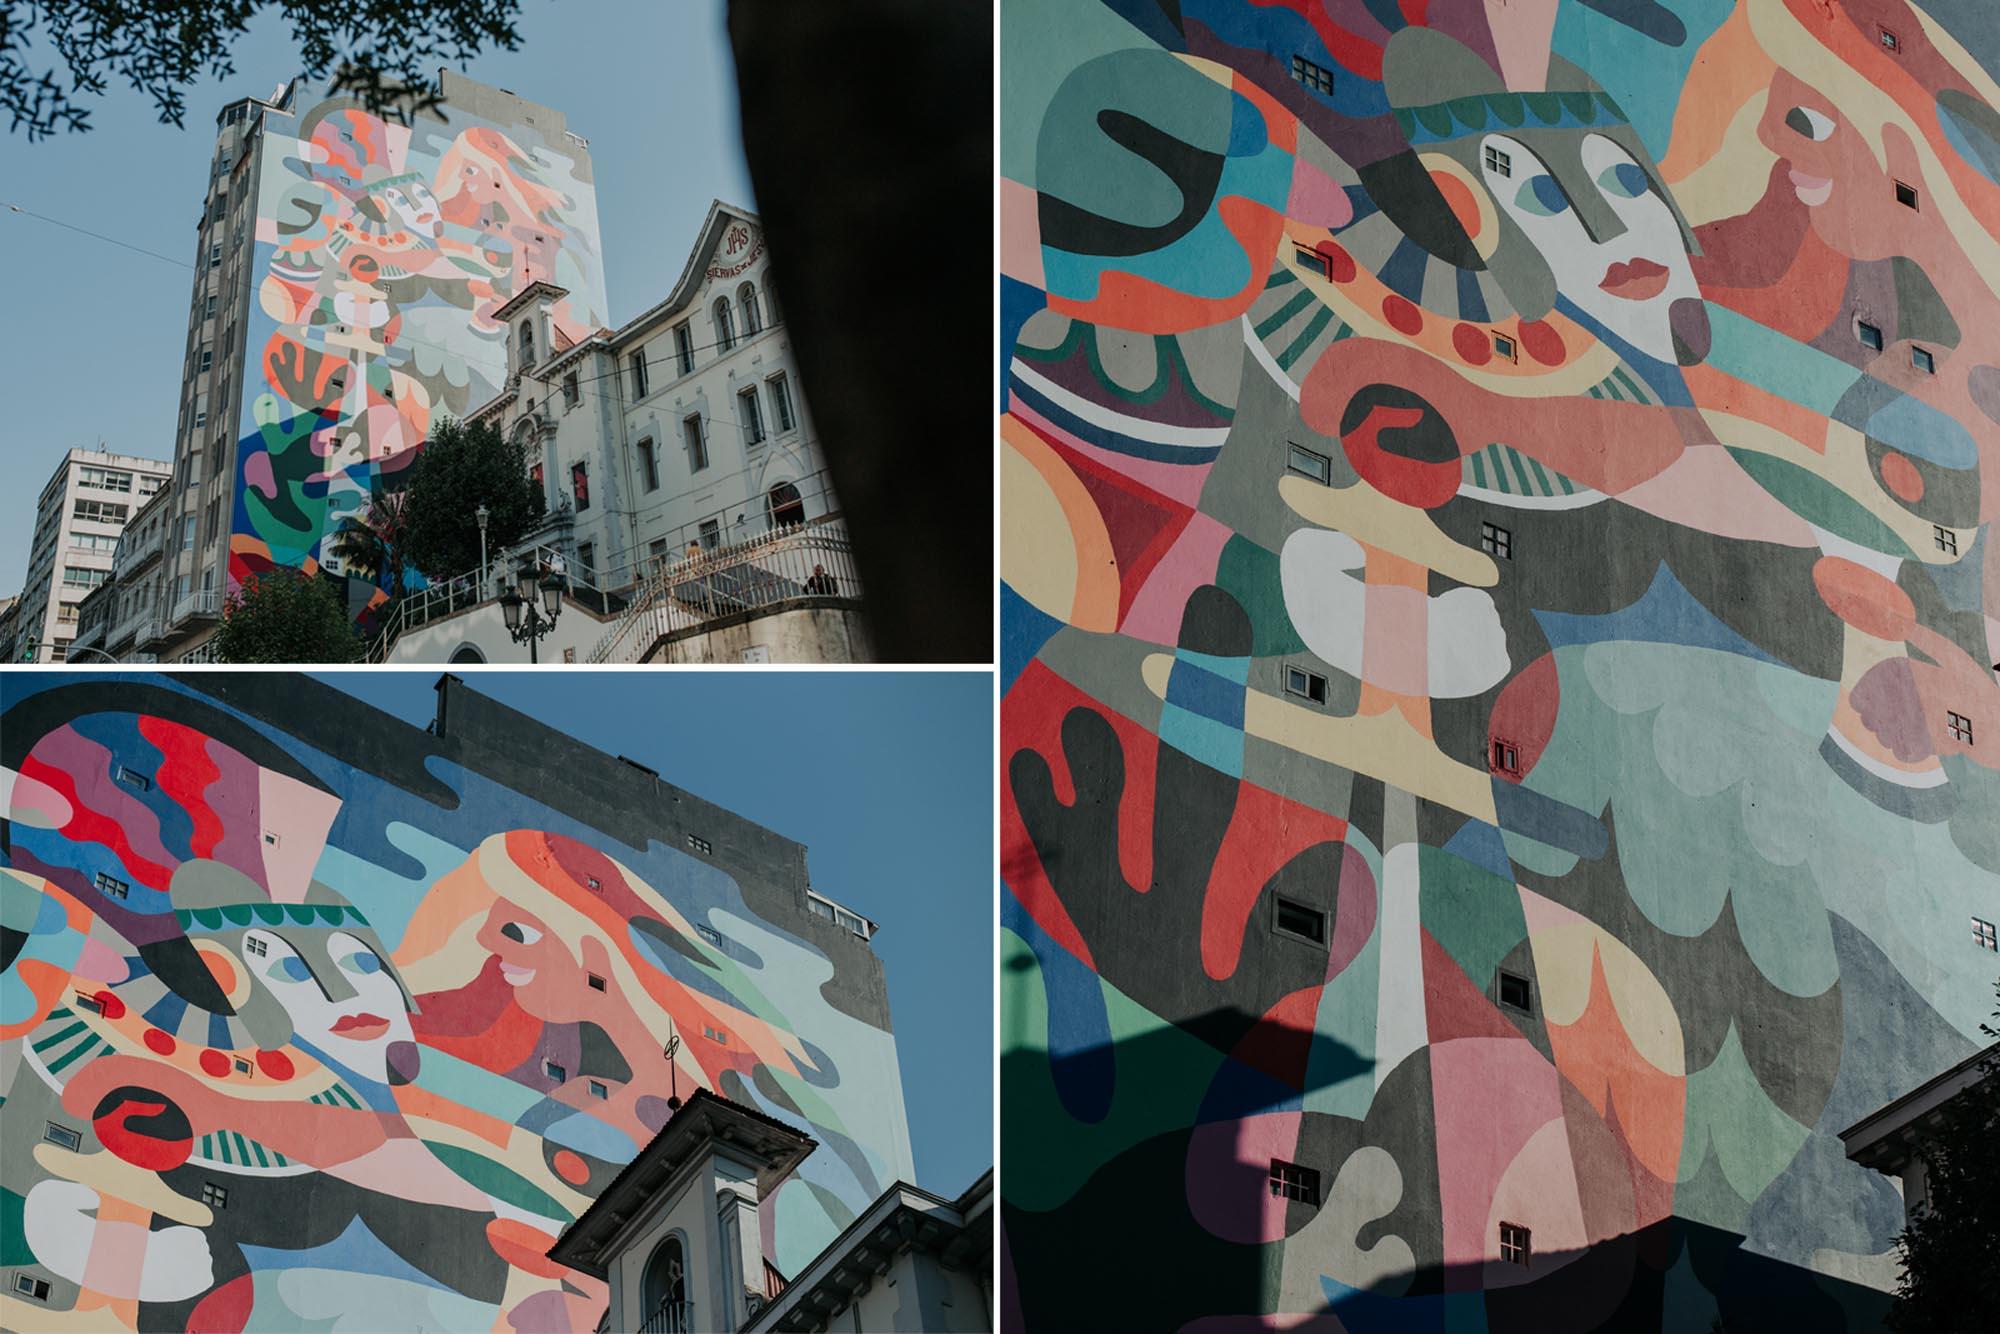 Detalle de las figuras del mural de 3ttman, conocido como 'El conquistador y la sirena'.